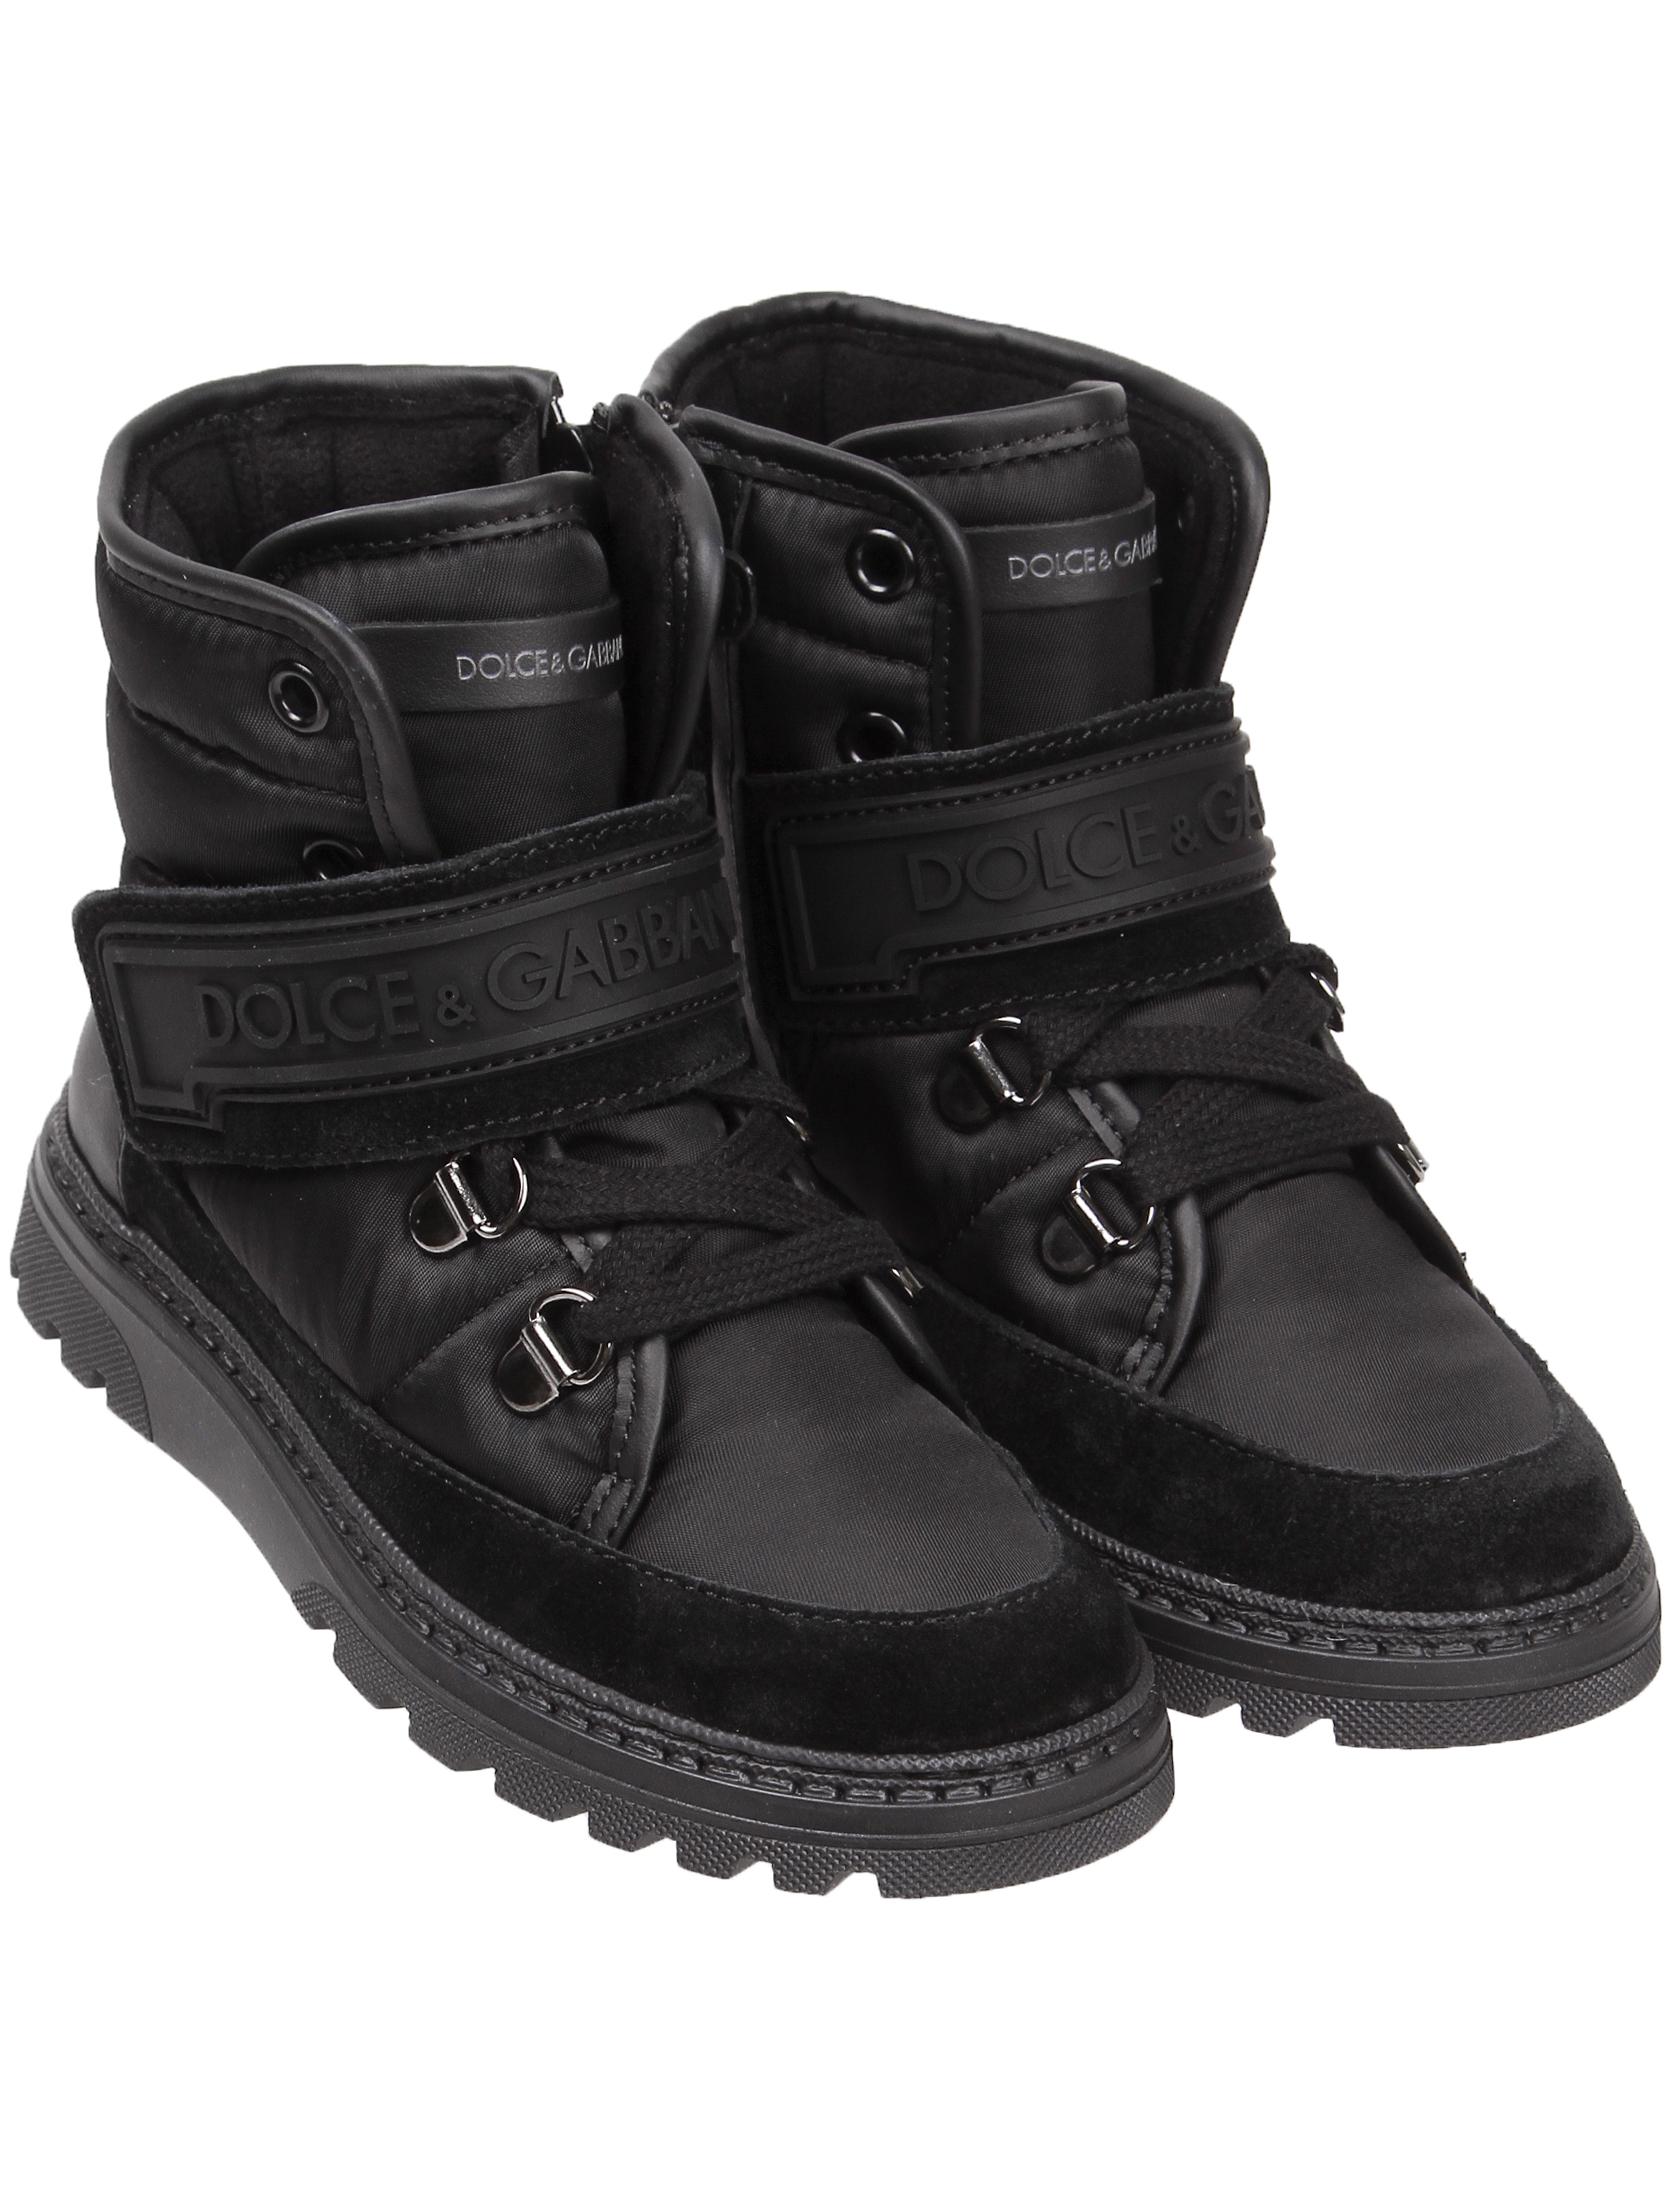 Купить 2044591, Ботинки Dolce & Gabbana, черный, Мужской, 2031119980998